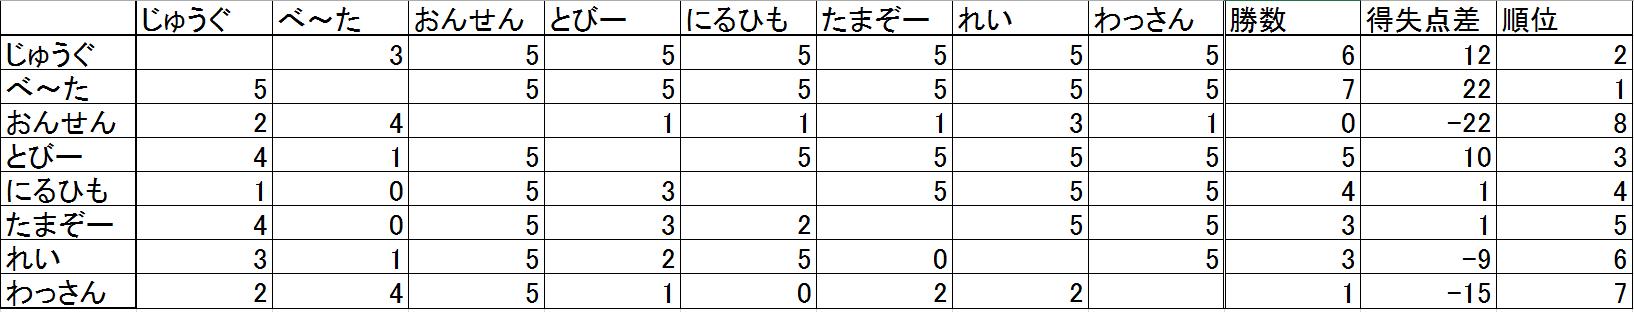 リーグ表1-5